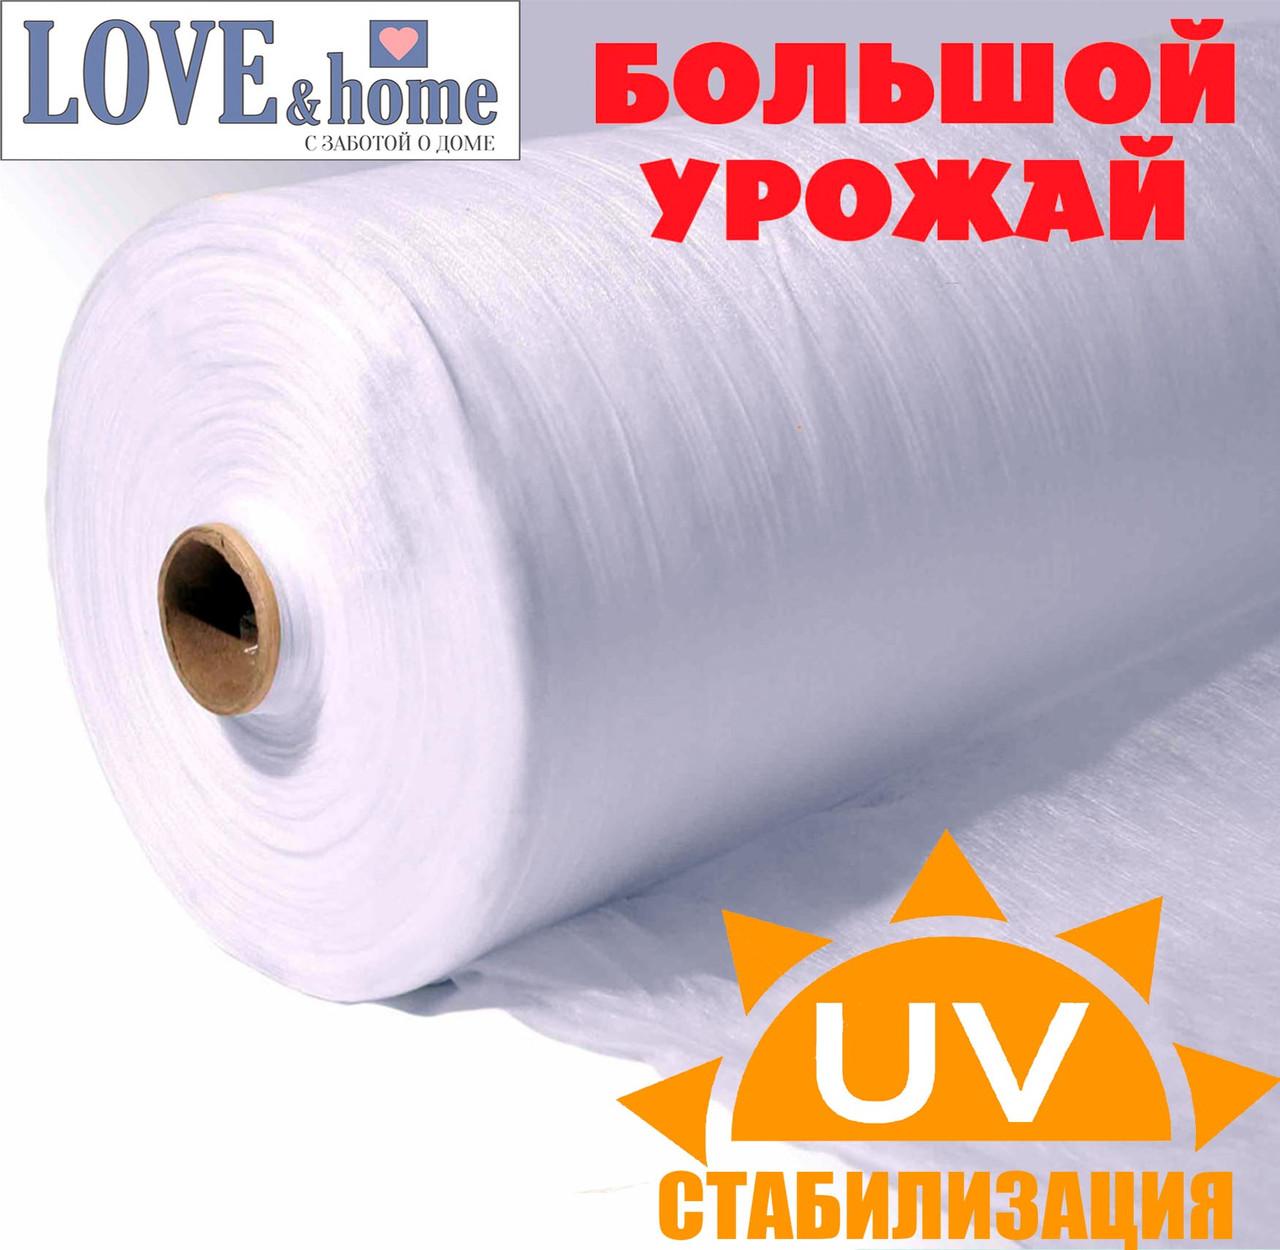 Агроволокно белое, плотность 23г/м². ширина 12.6 м. длинна 100м.